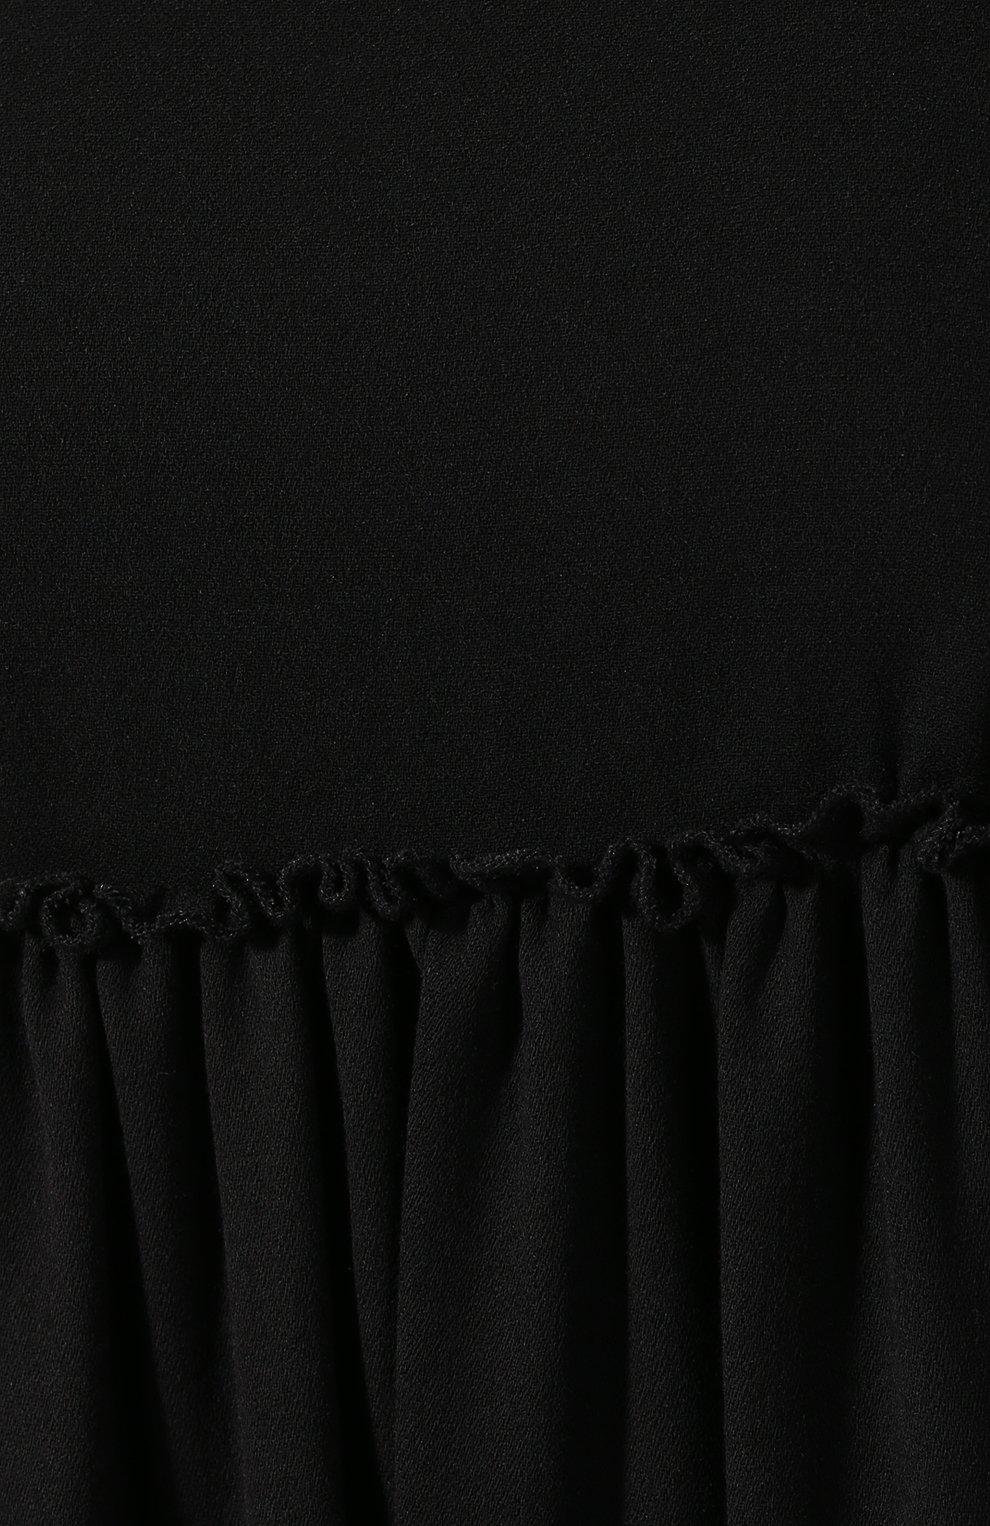 Женское платье из смеси вискозы и шерсти WANDERING черного цвета, арт. WGW19411 | Фото 5